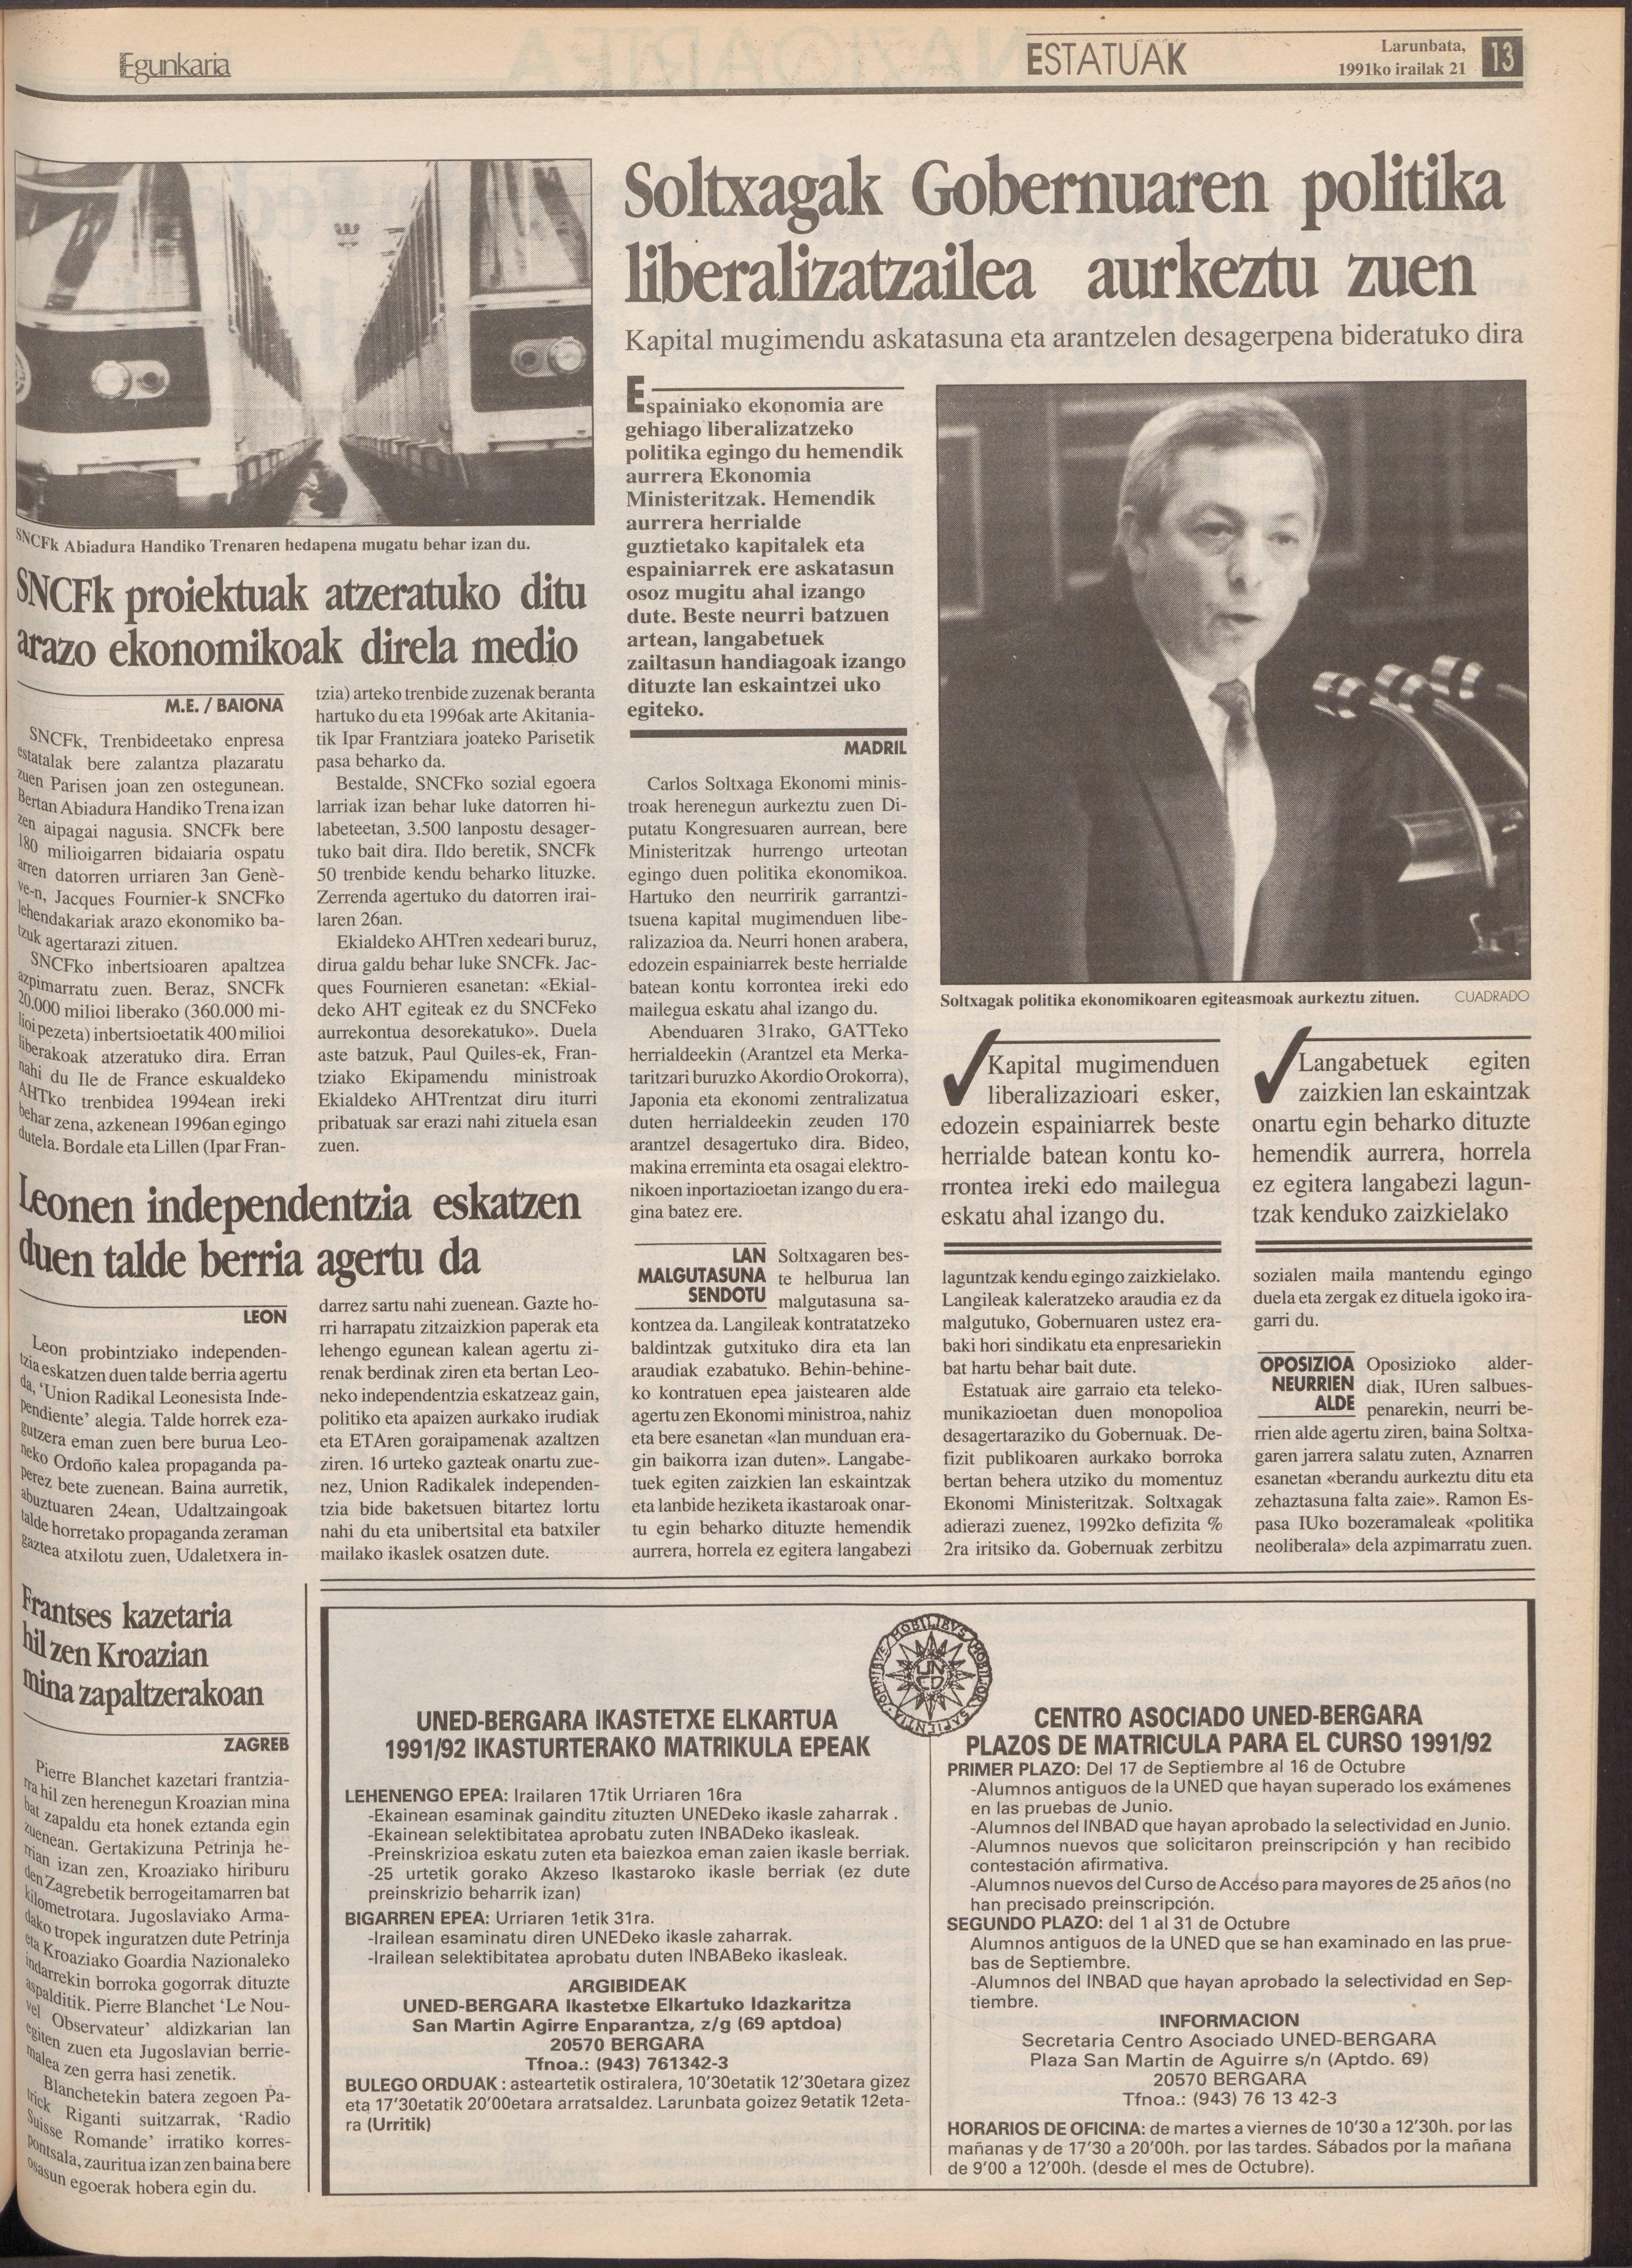 1991ko irailak 21, 13. orrialdea